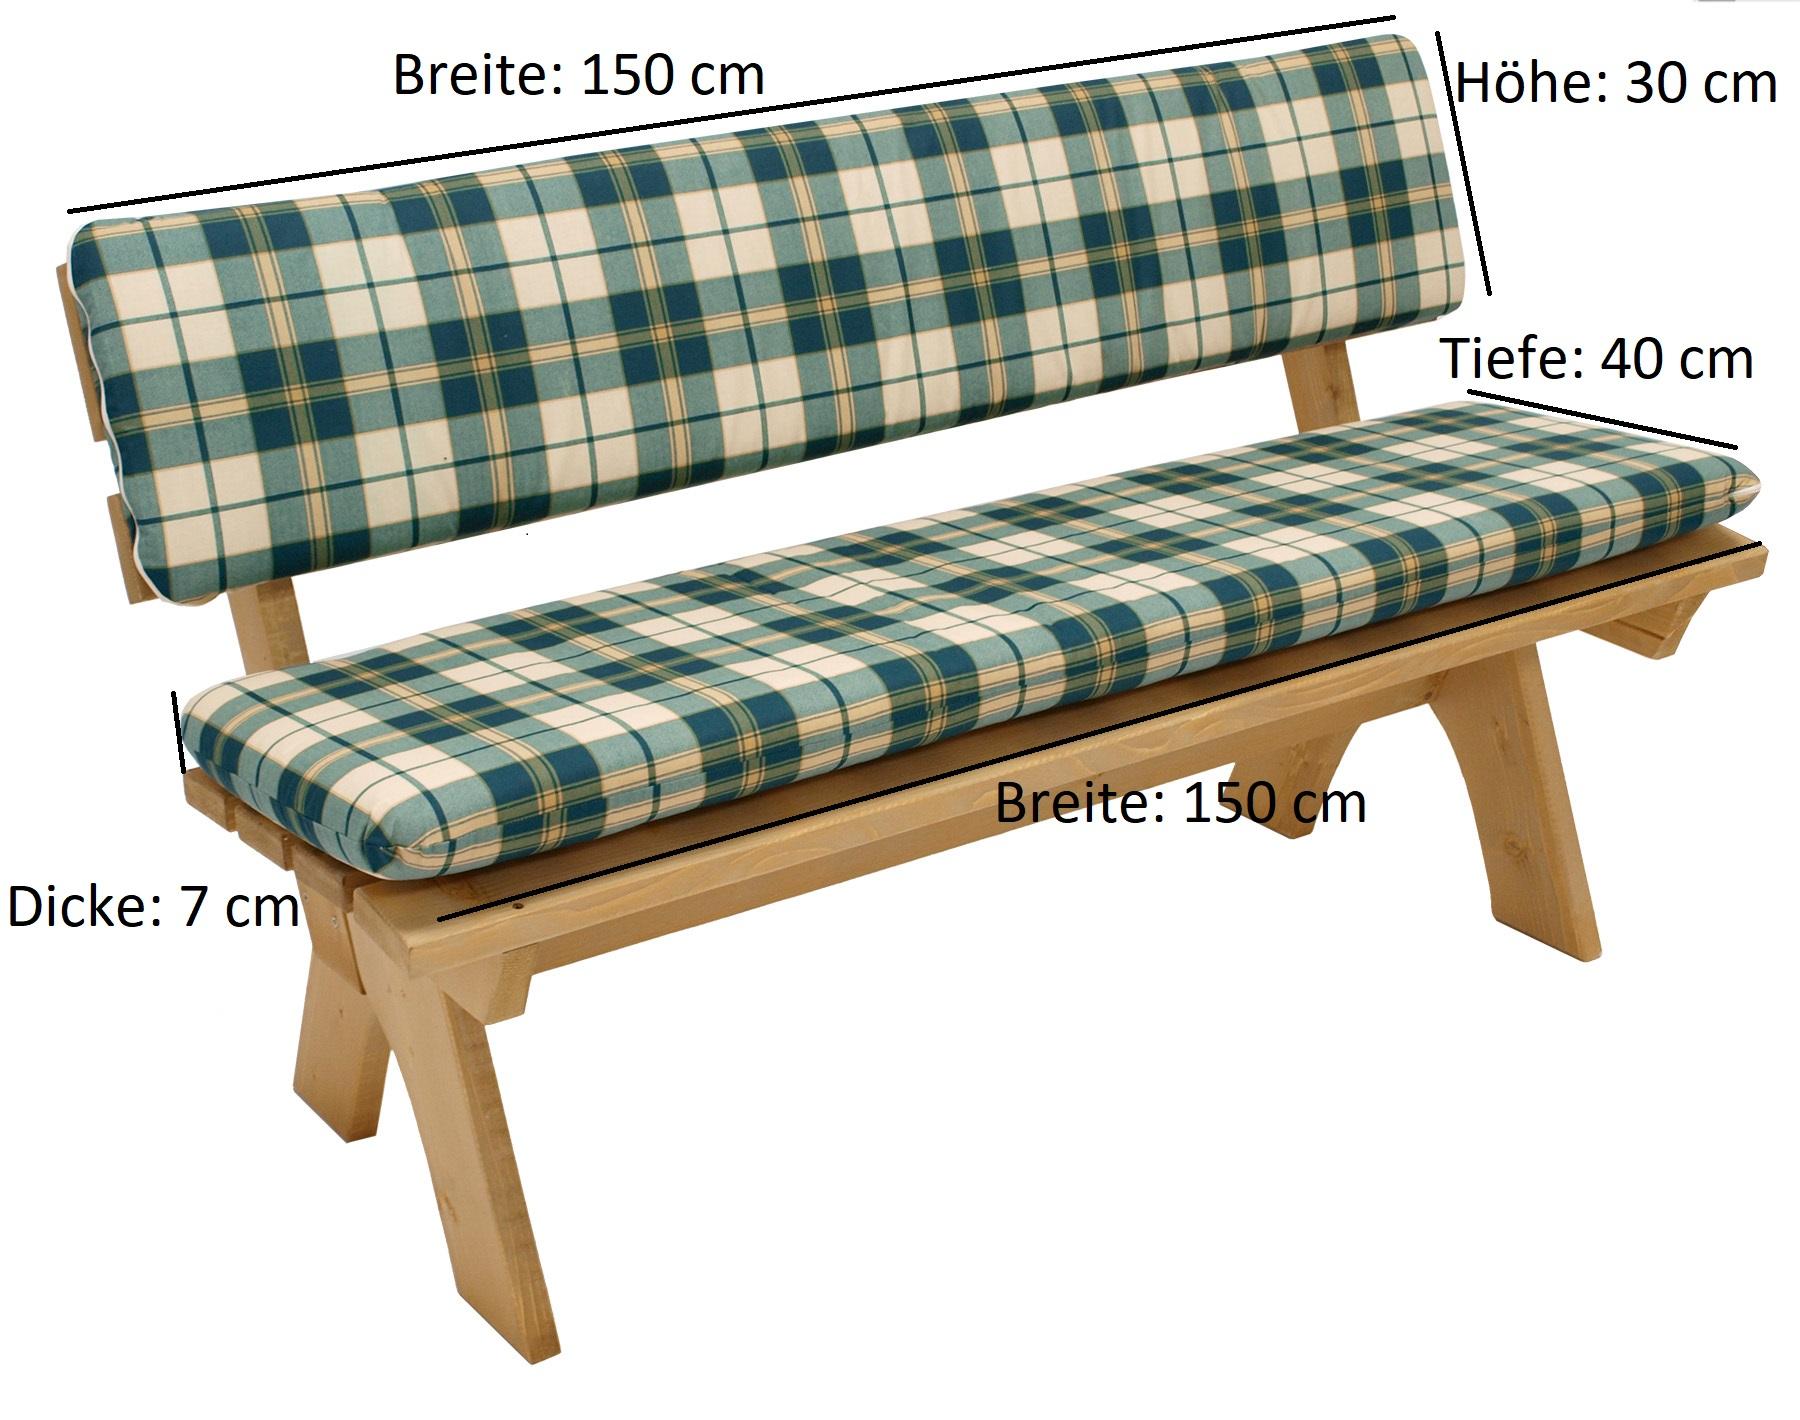 Auflagenset BOSTON für Bank 3-sitzer 150cm, grün/beige kariert, 2-teilig